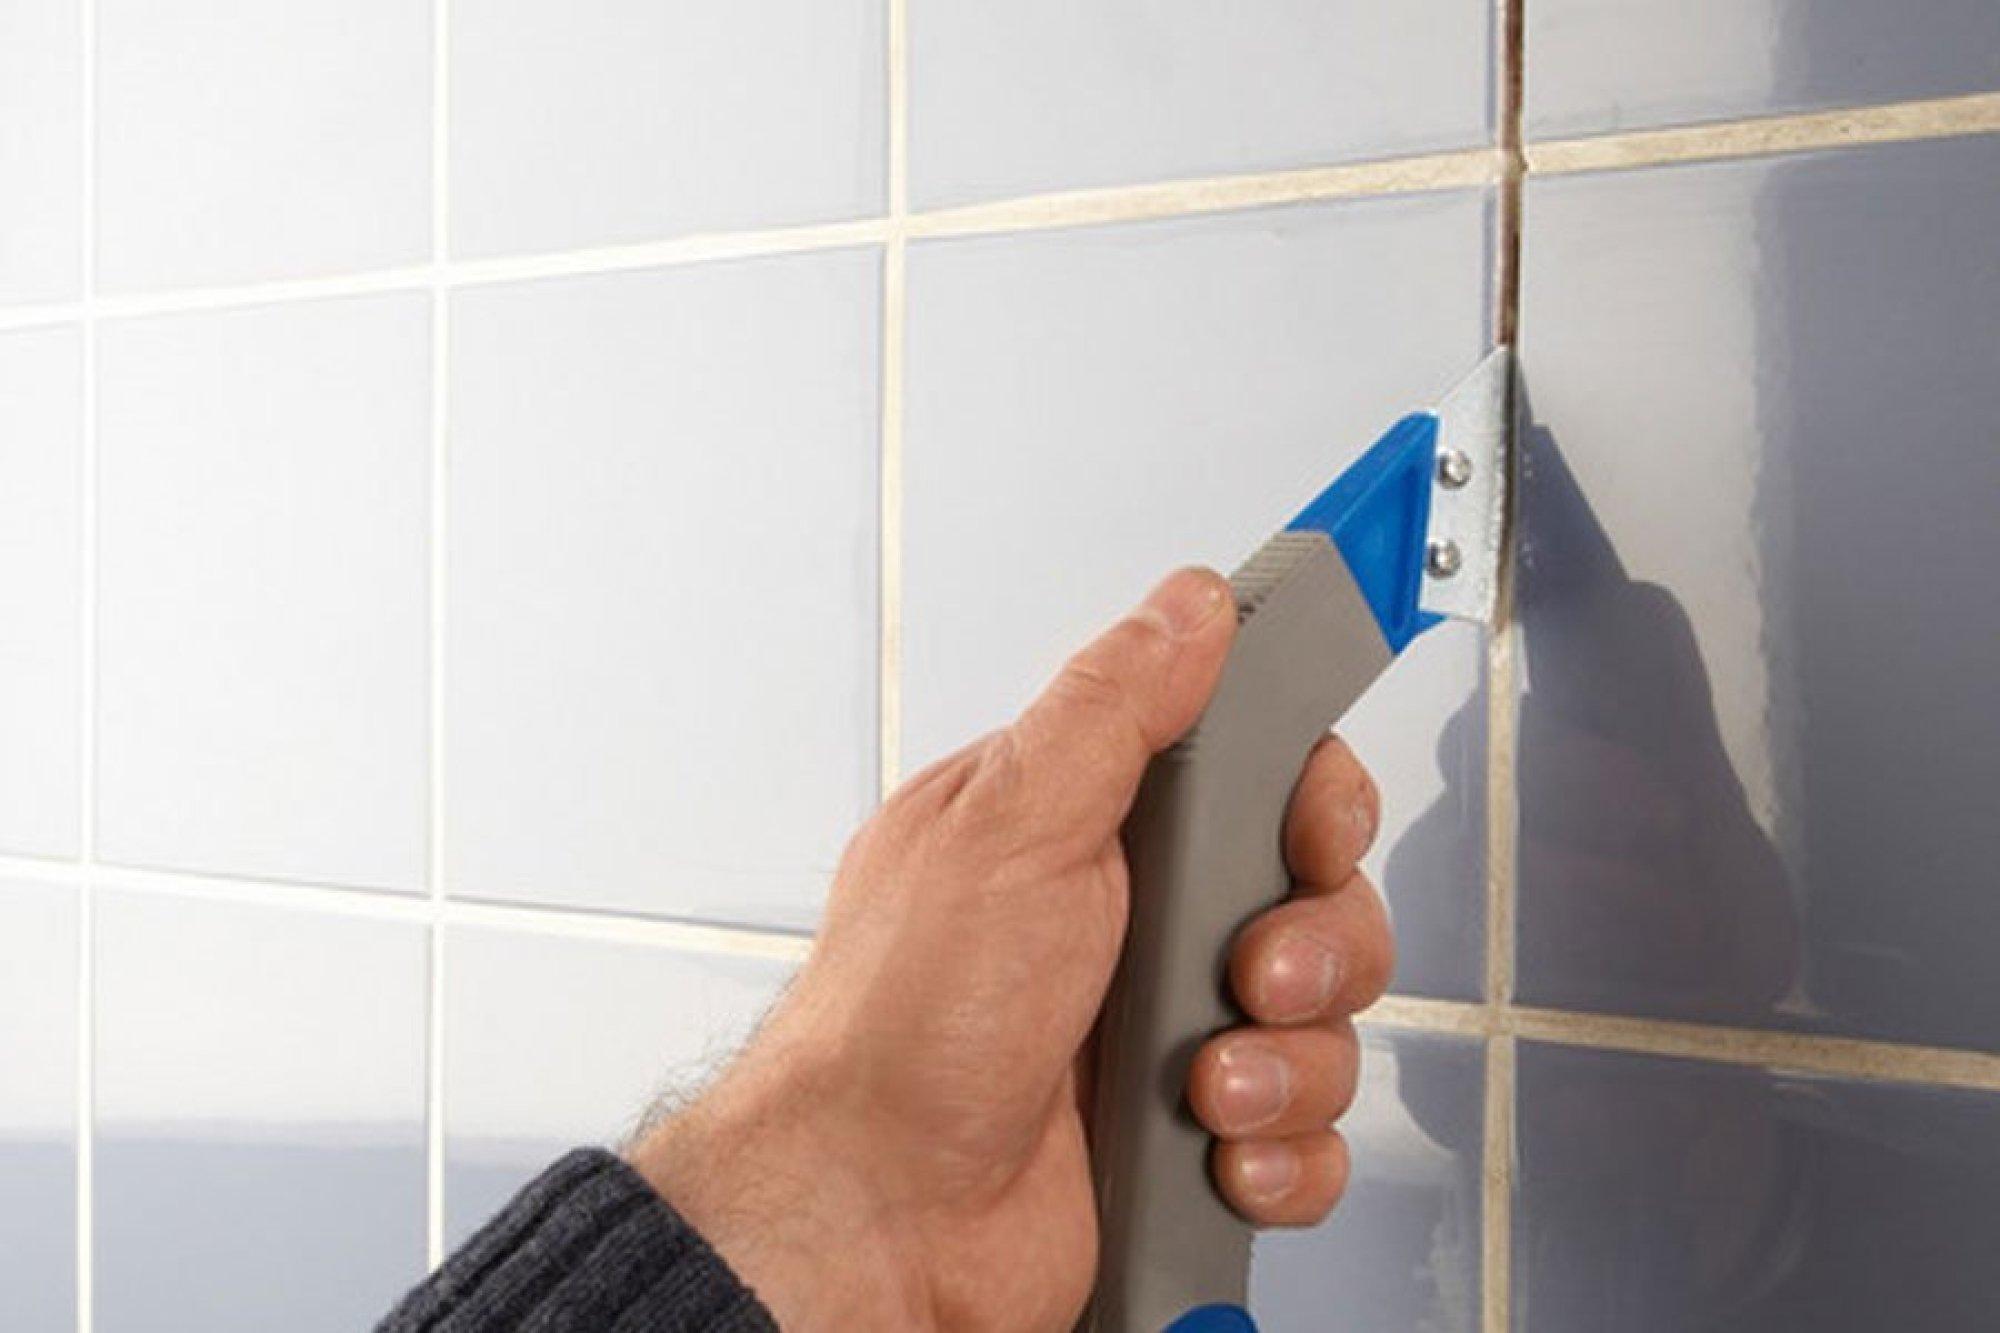 Затирка швов плитки в ванной своими руками: инструменты, как сделать и наносить, как правильно затирать на стене, расшивка, фото, видео